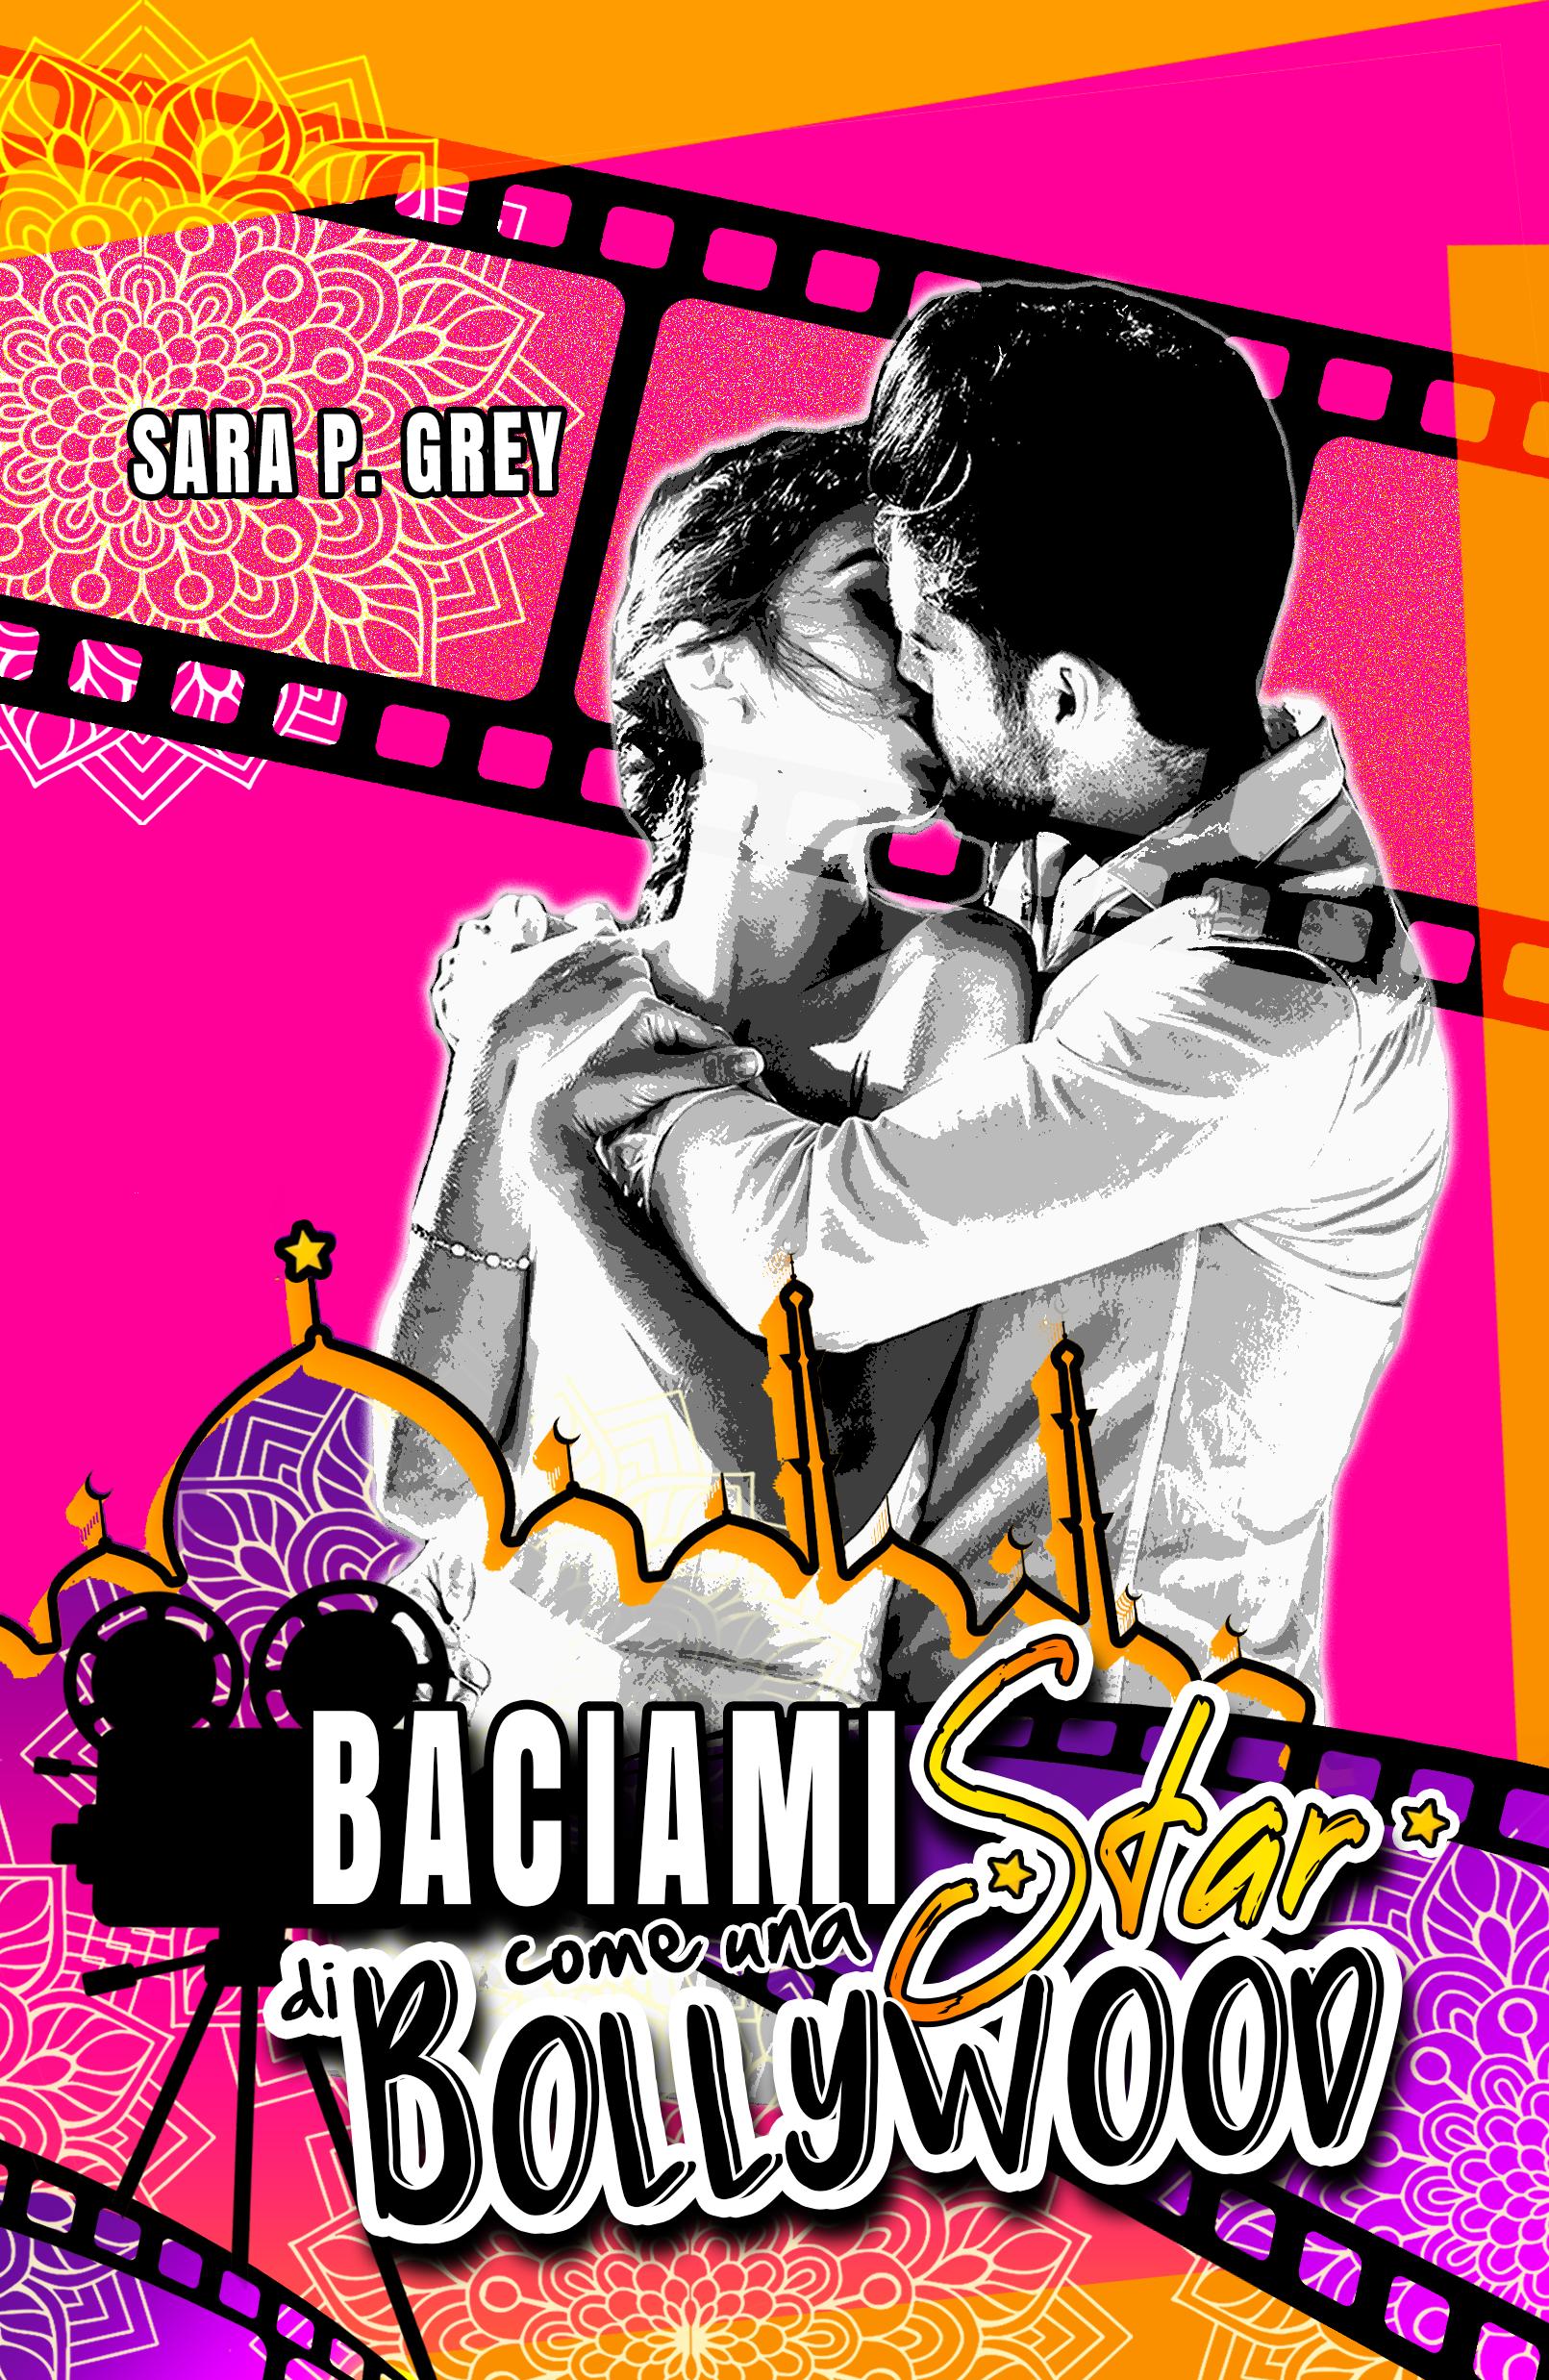 baciami-come-una-star-sarapgrey-200921